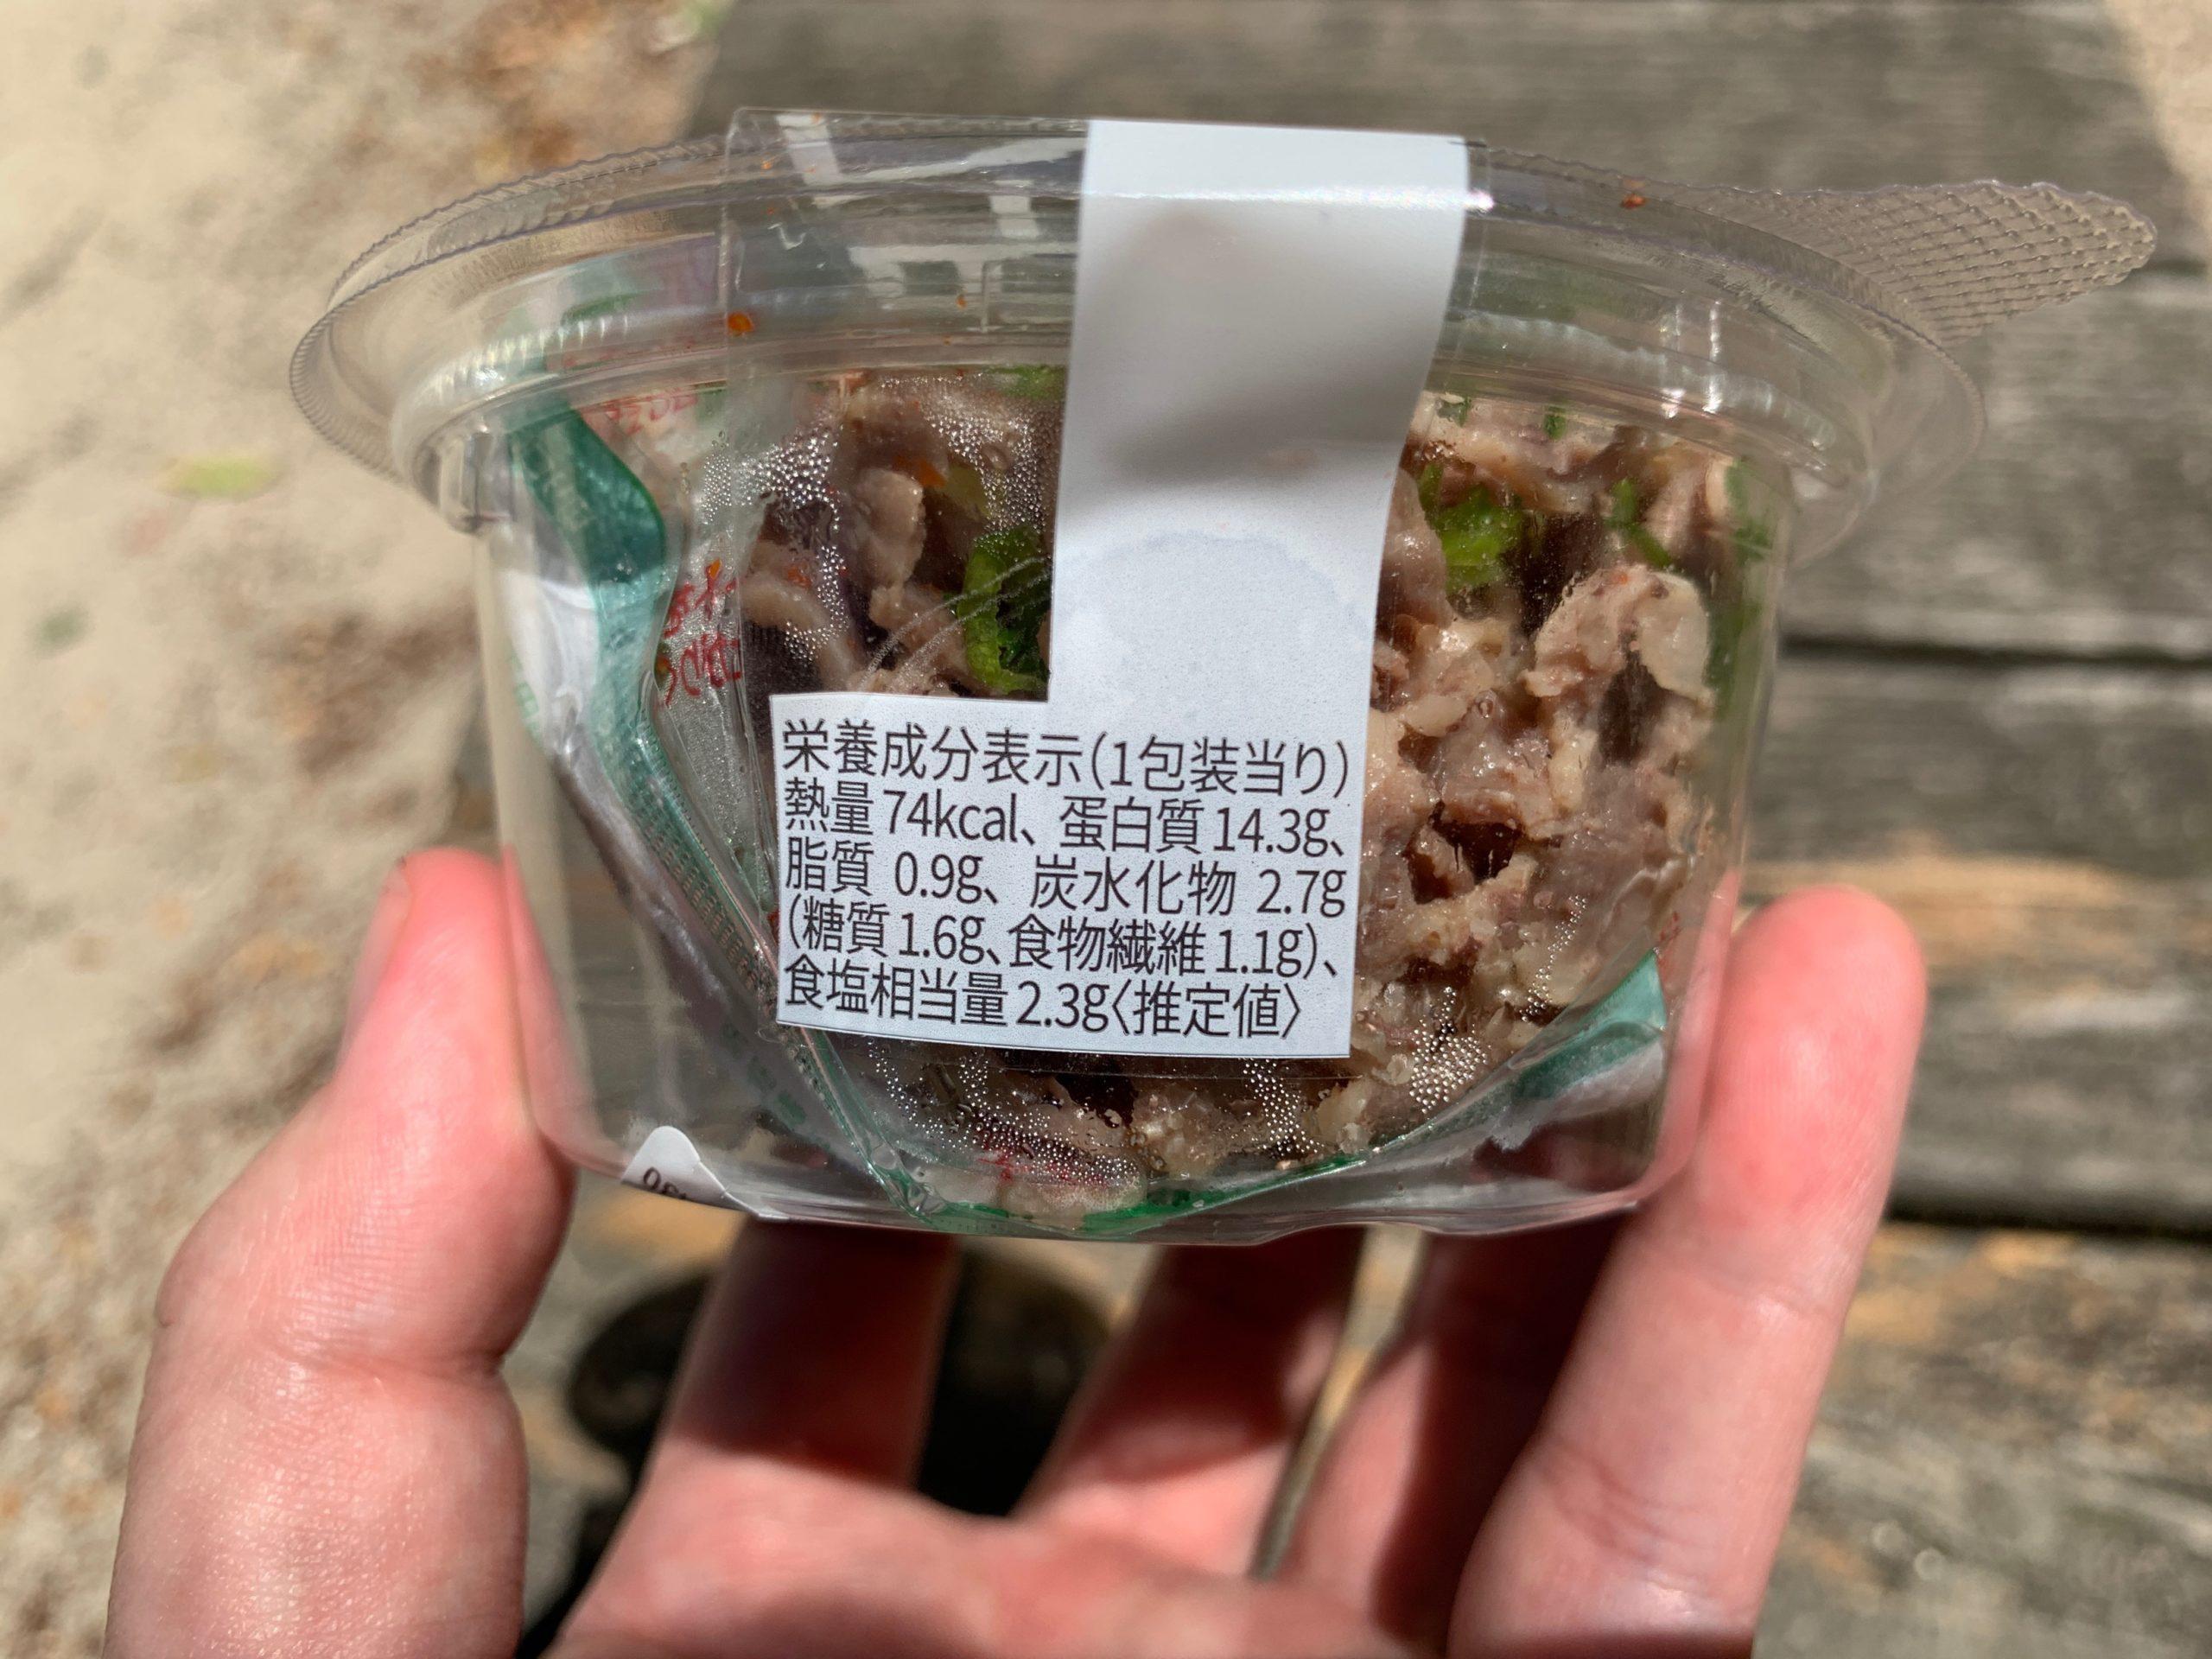 セブンイレブンの砂ずりポン酢の栄養成分